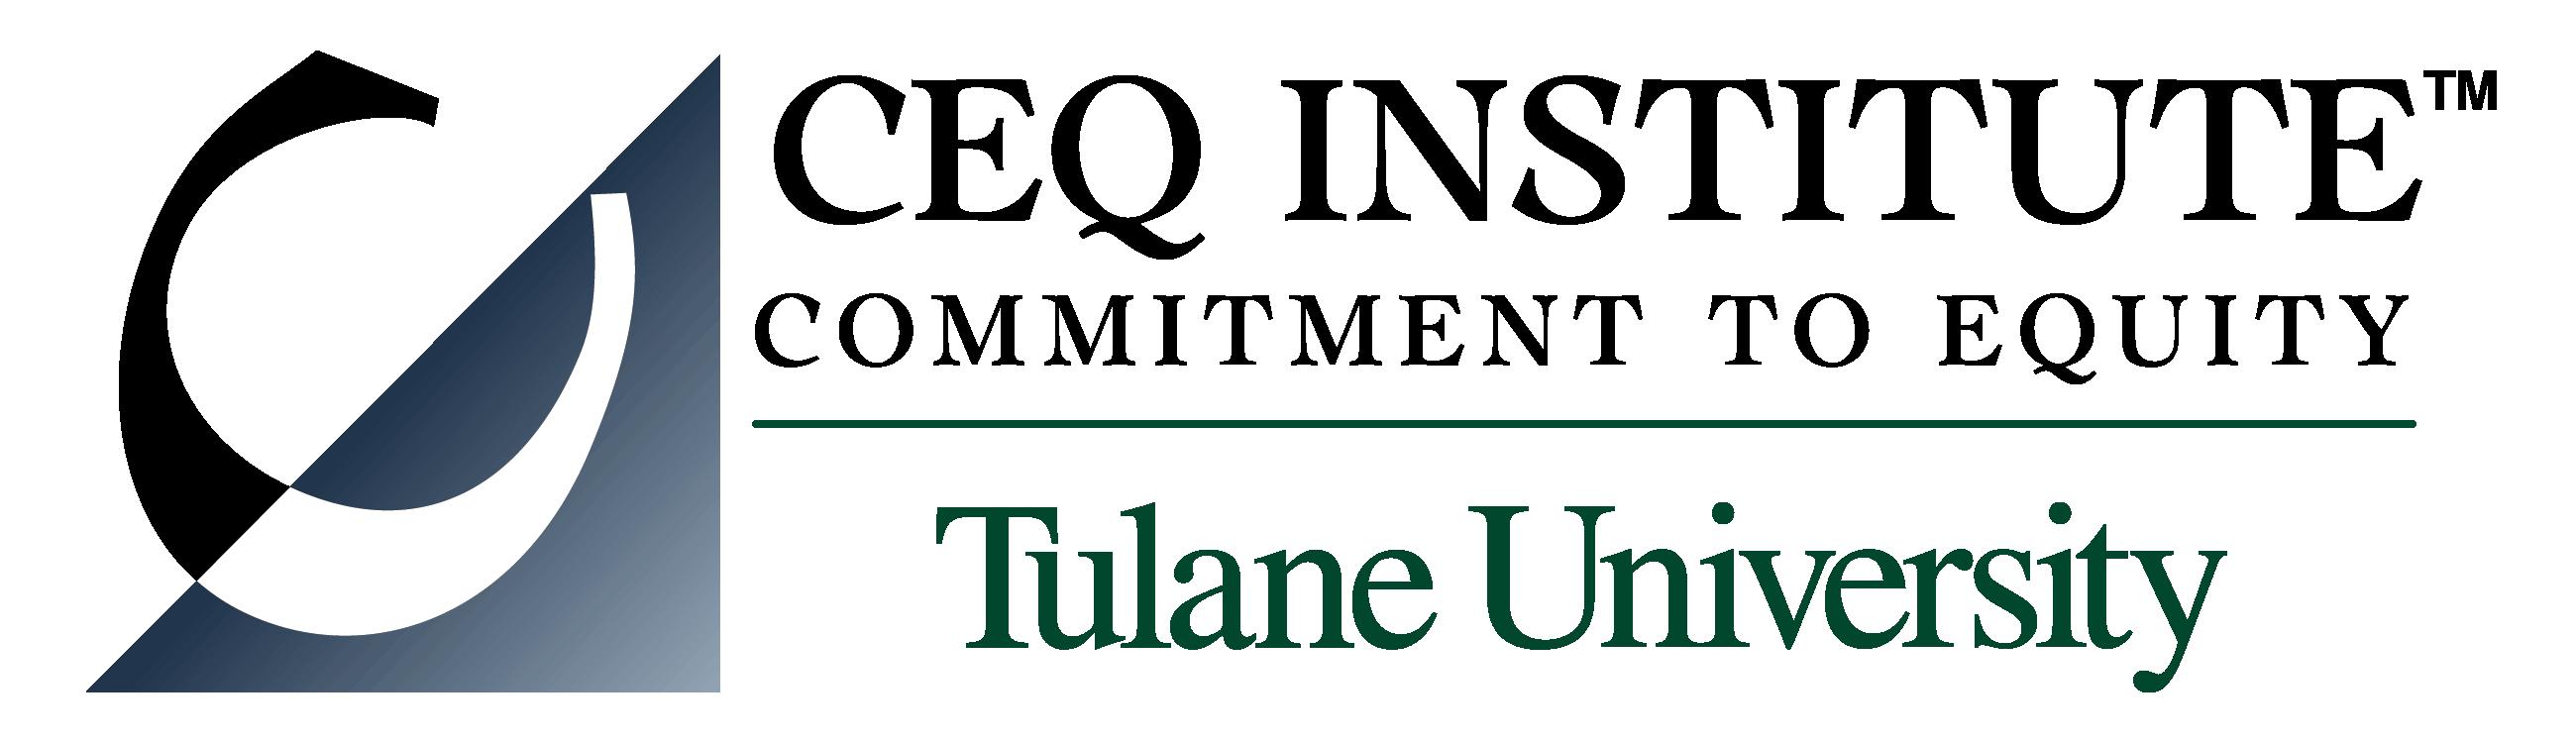 CEQ Institute